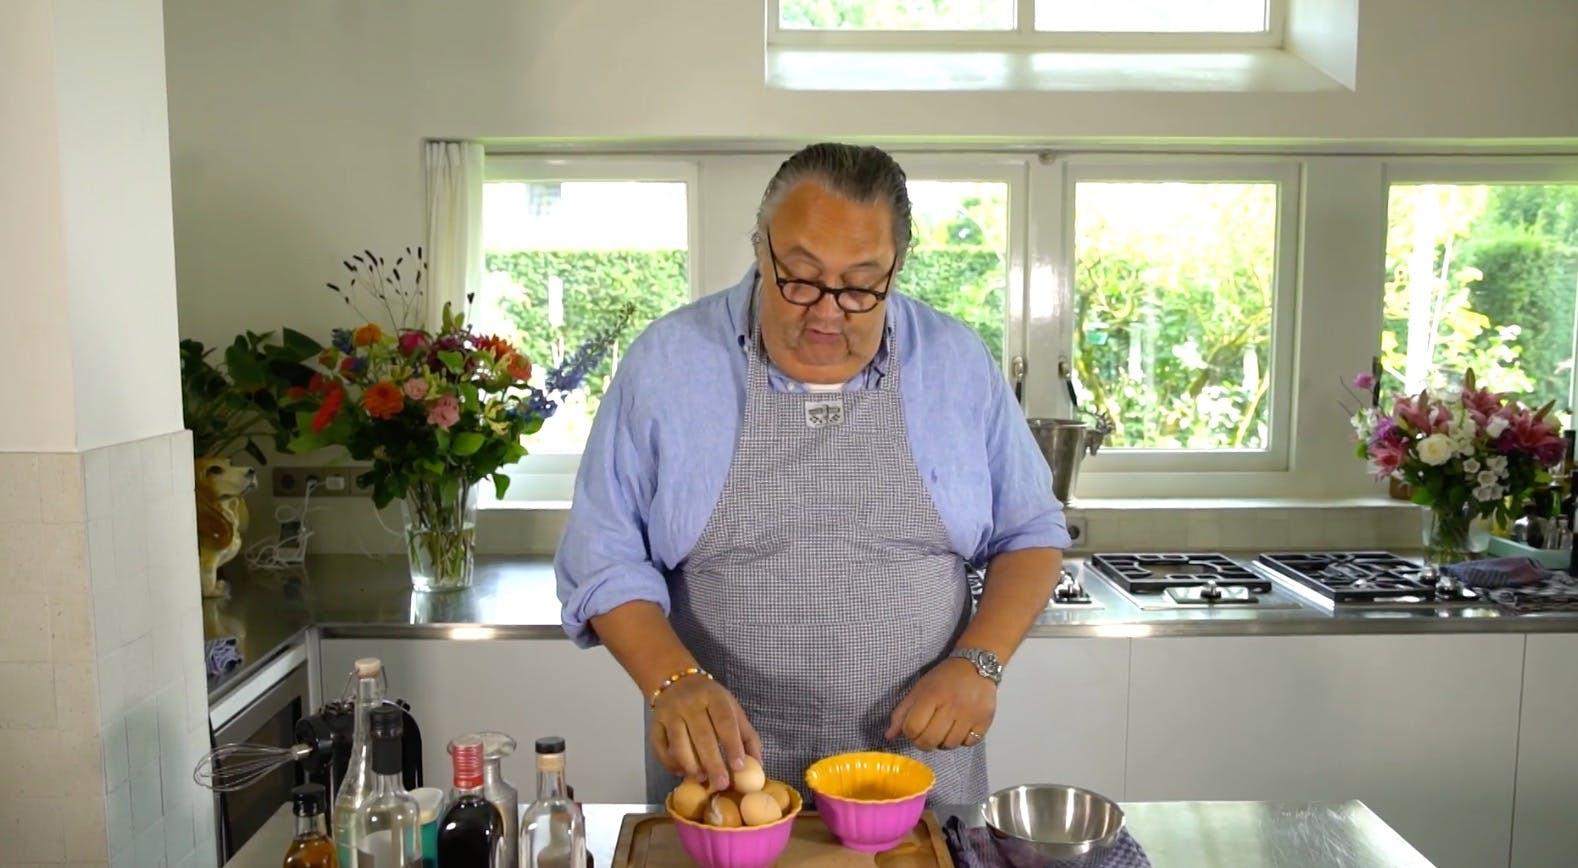 Julius Jaspers kookt een eitje.